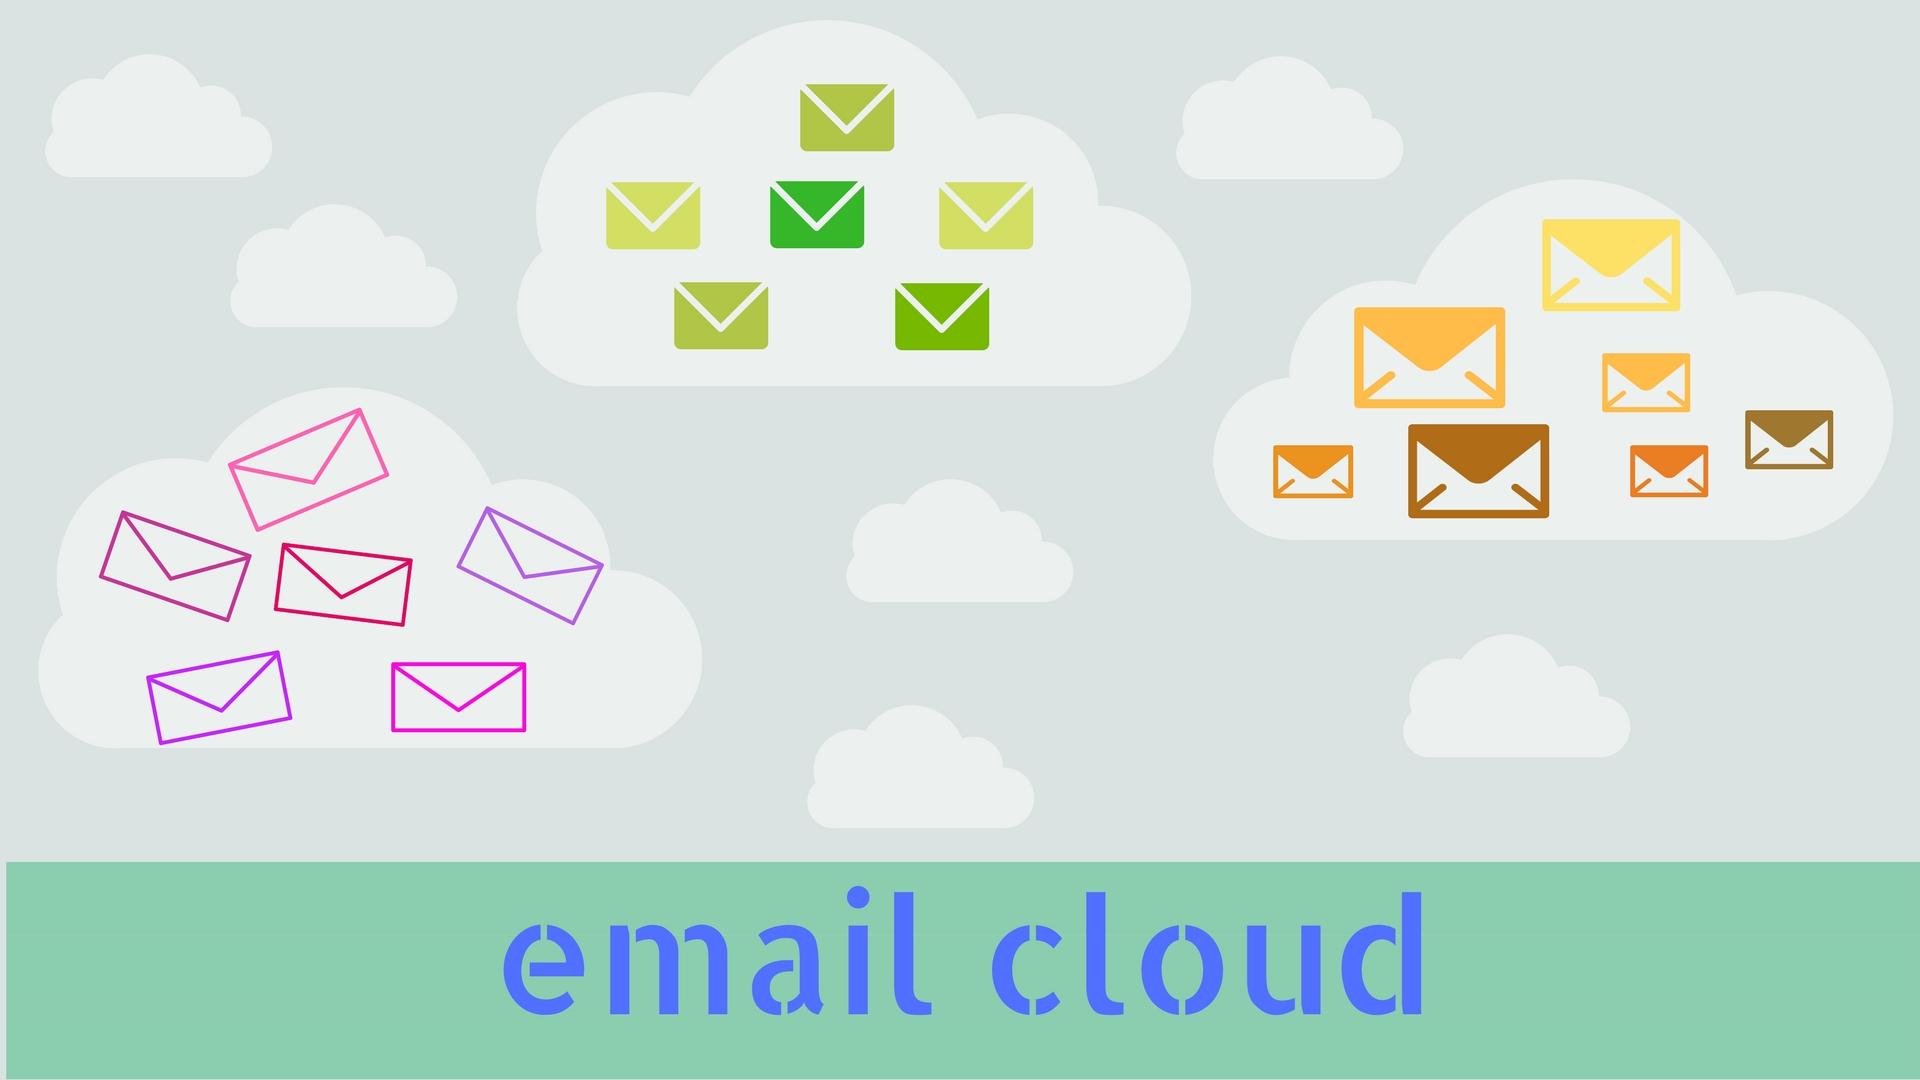 ventajas de trabajar con email cloud